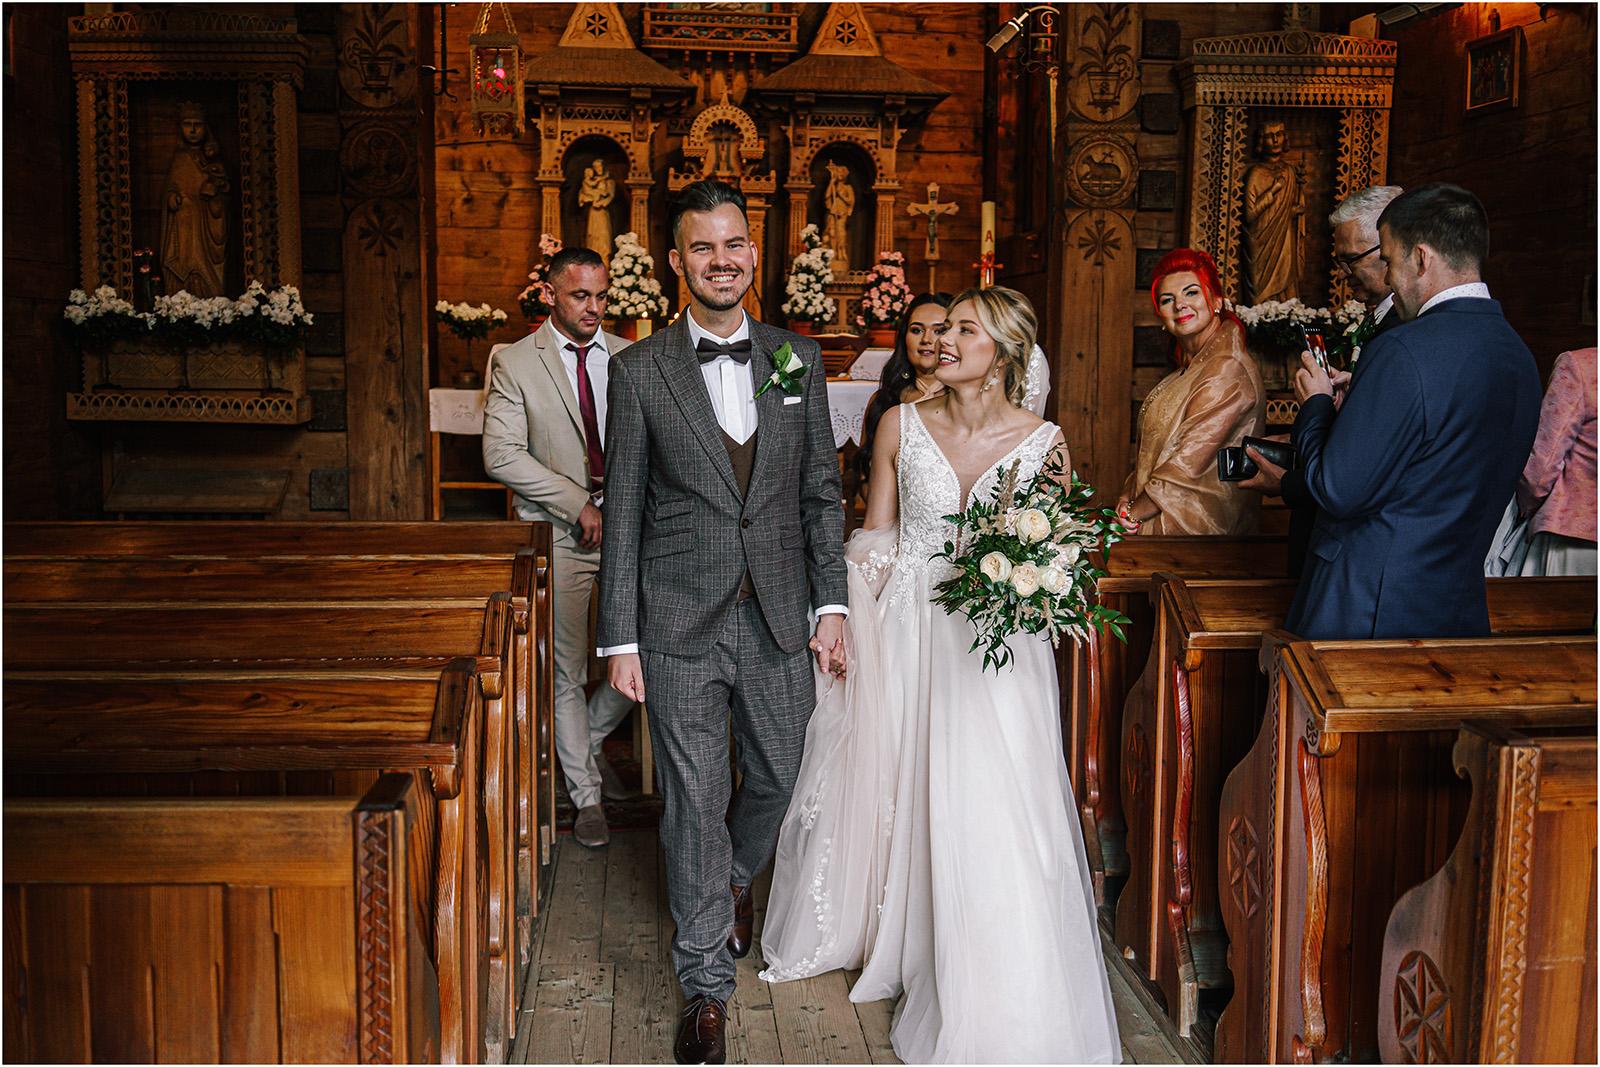 Amanda & Błażej | ślub i sesja w górach 40